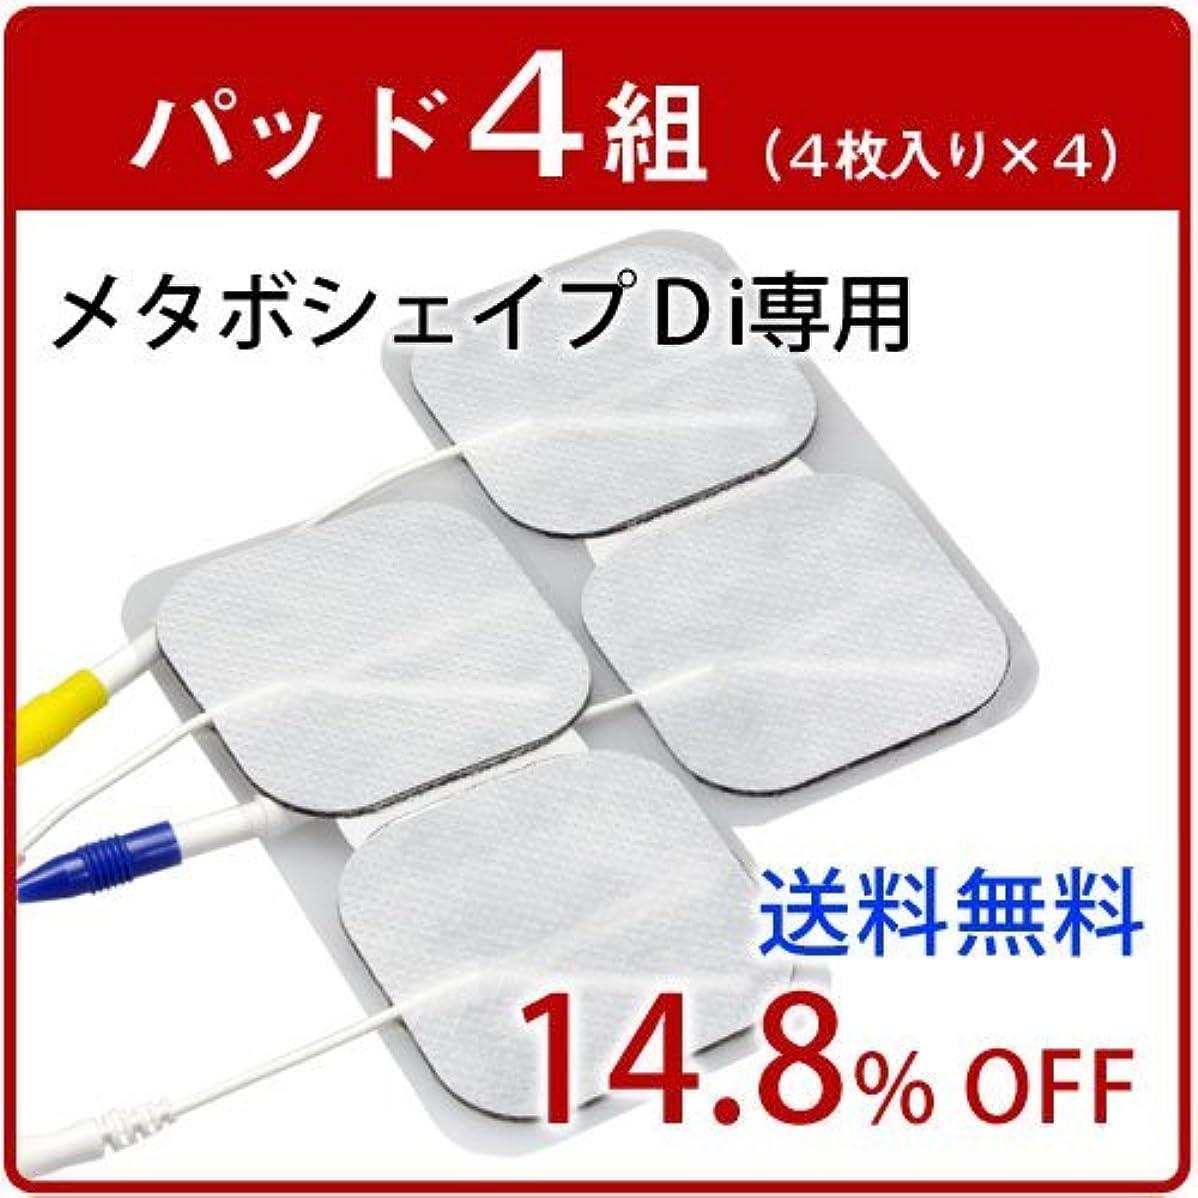 【正規品】メタボシェイプ Di 用粘着パッド4組(4枚入り×4)